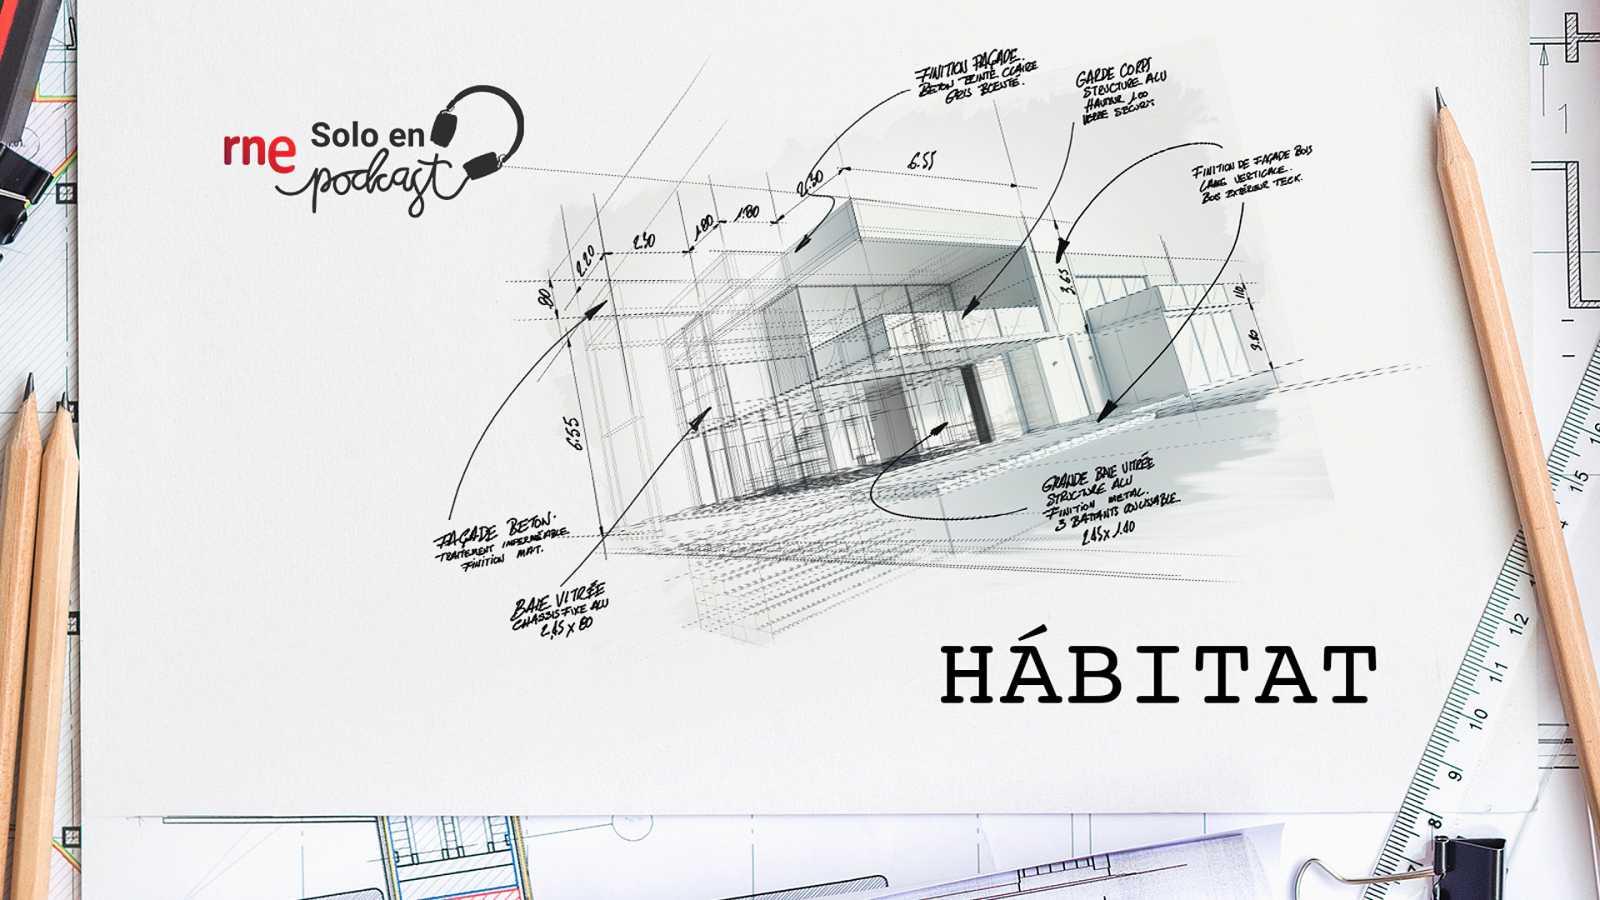 Las cuñas de RNE - 'Hábitat', una reflexión sobre la construcción de los espacios públicos y privados - Escuchar ahora